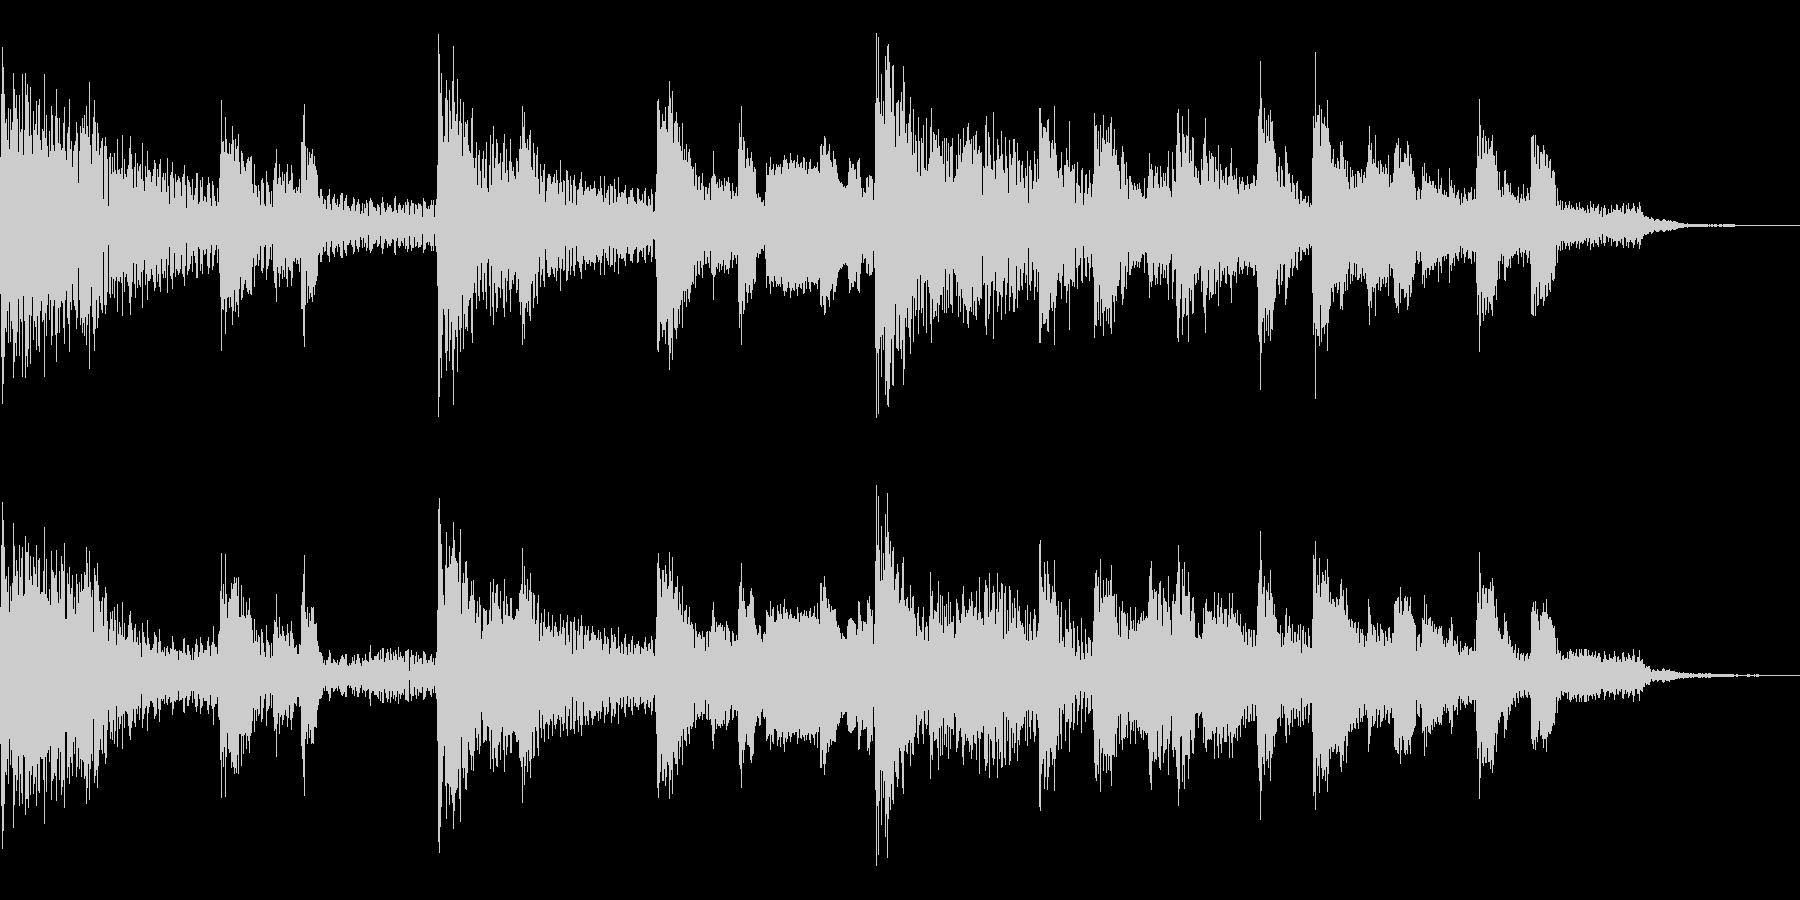 多用途ジングル-3Bの未再生の波形